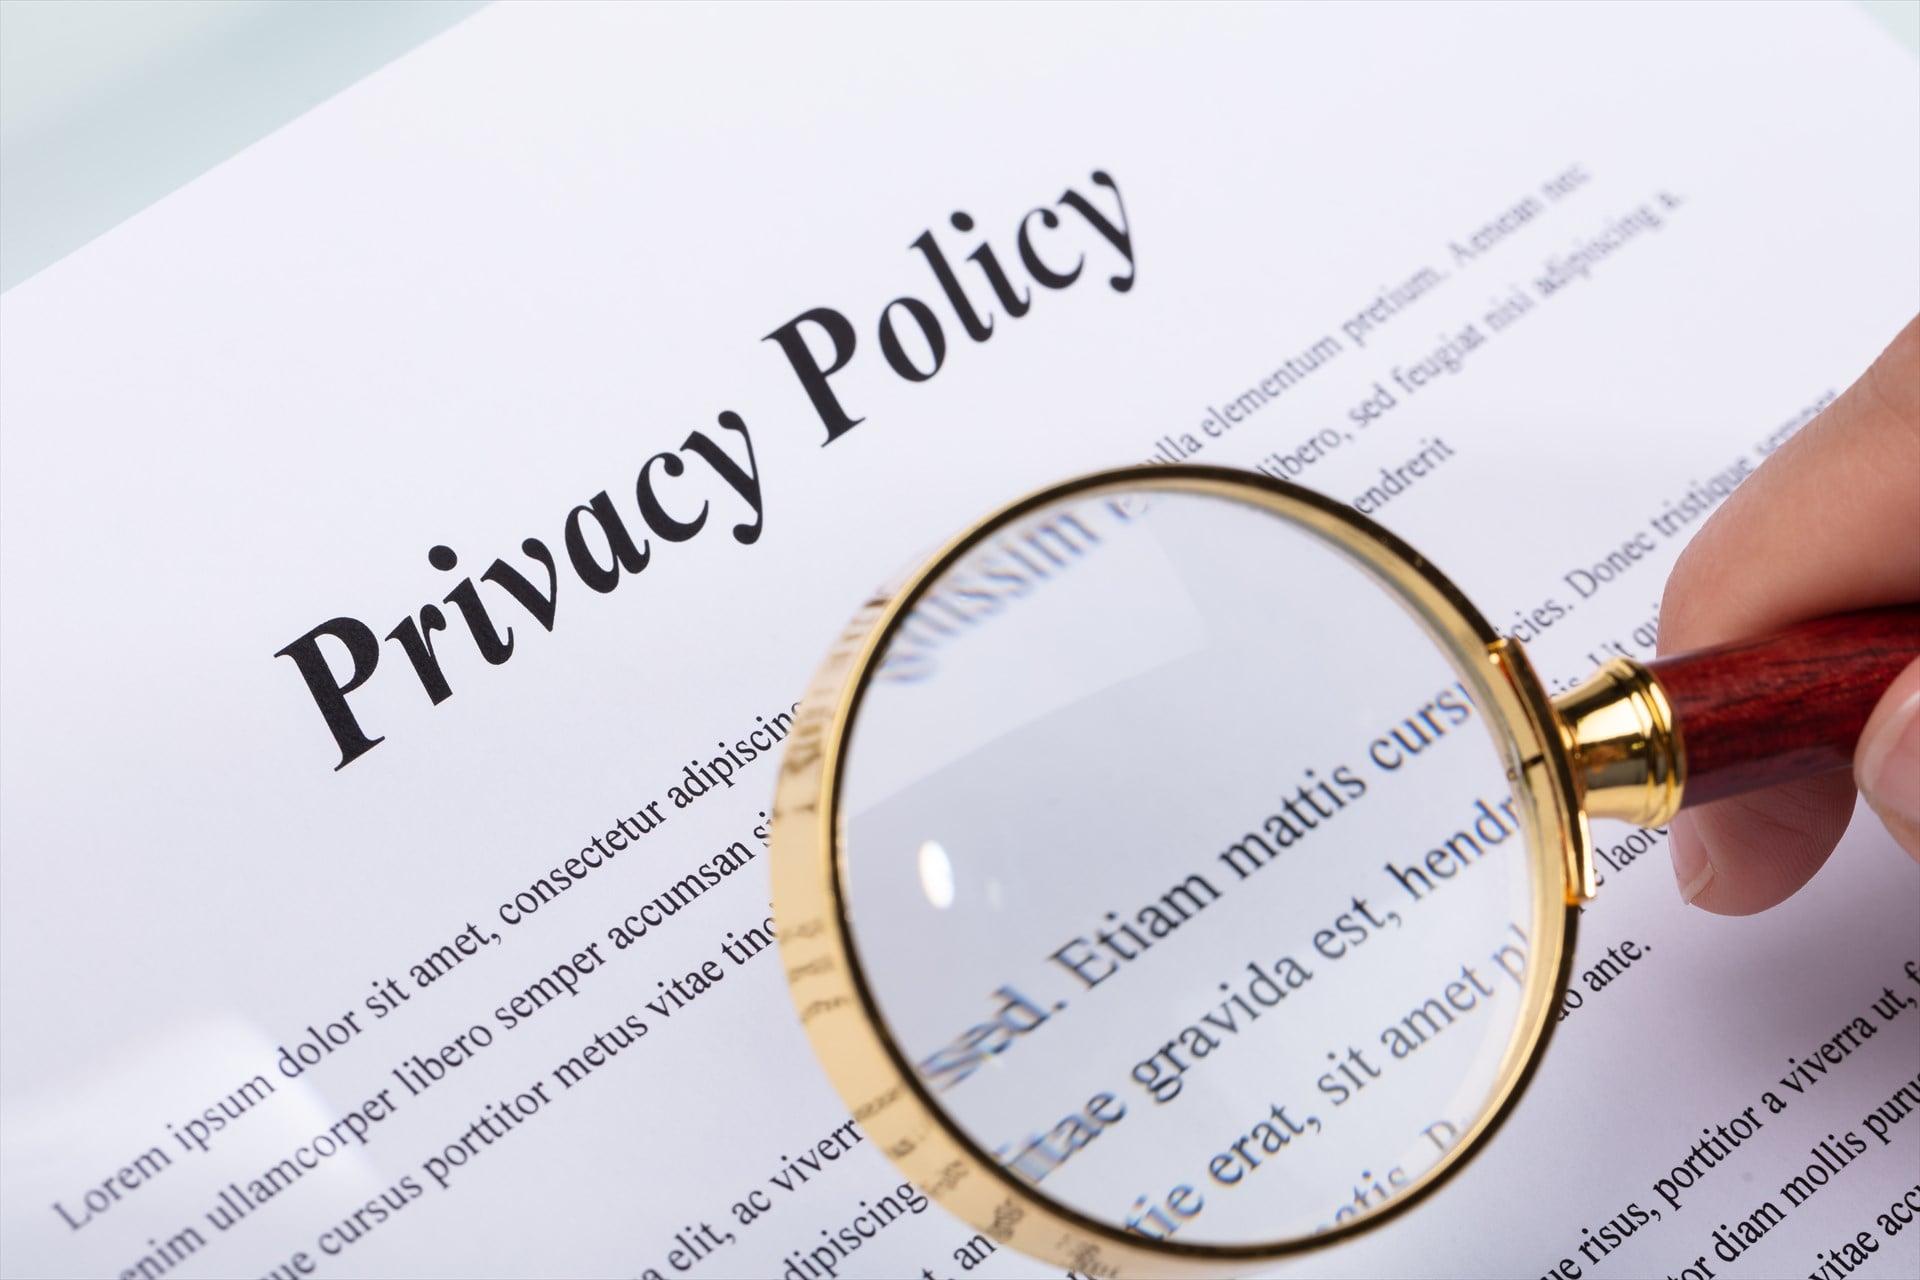 プライバシーポリシーの画像